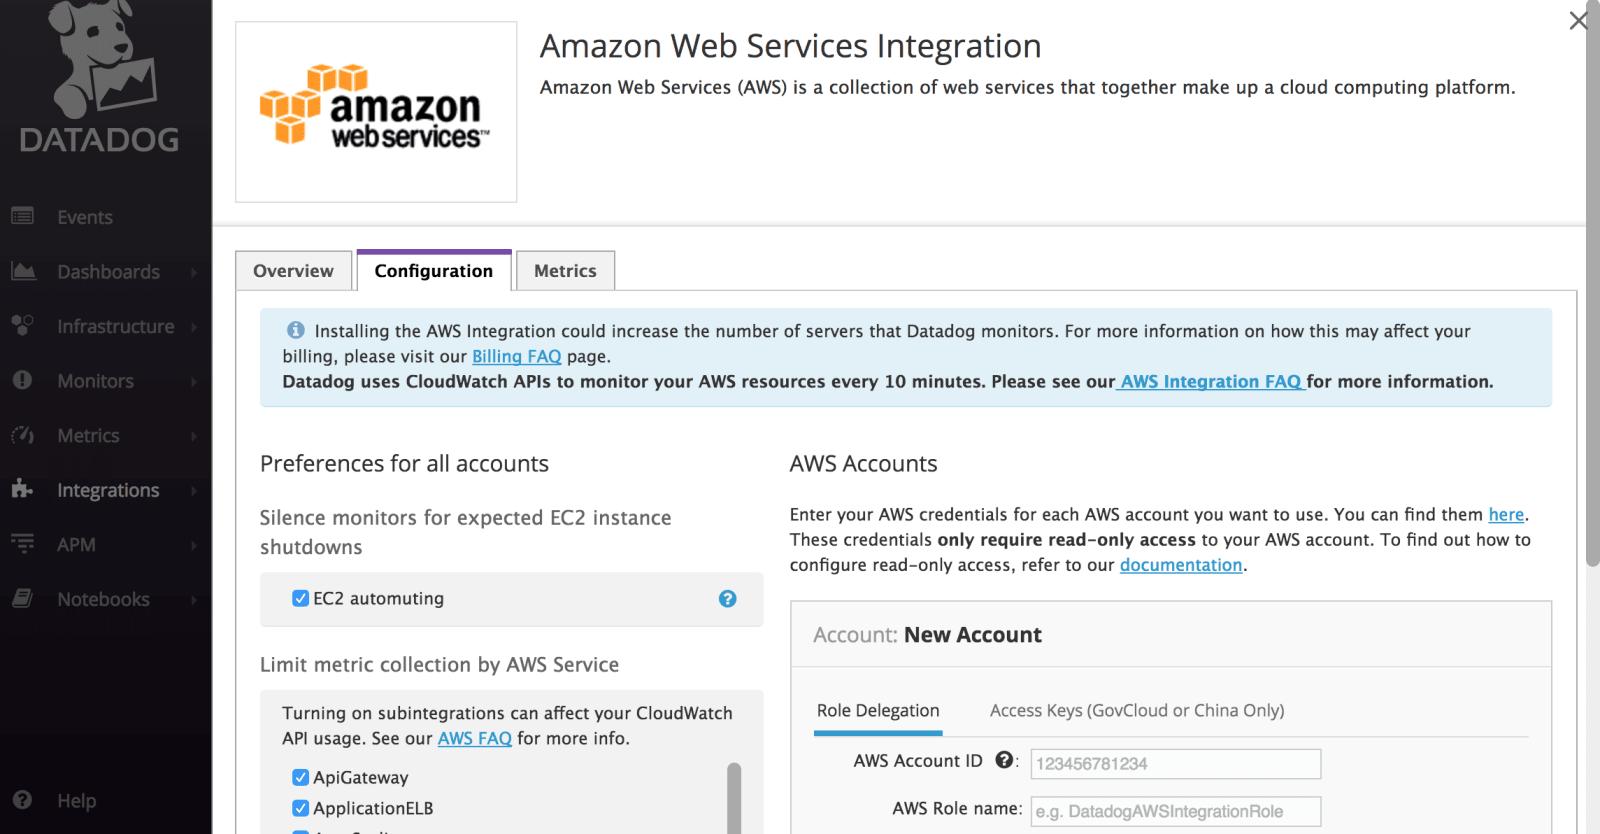 AWS integration in Datadog